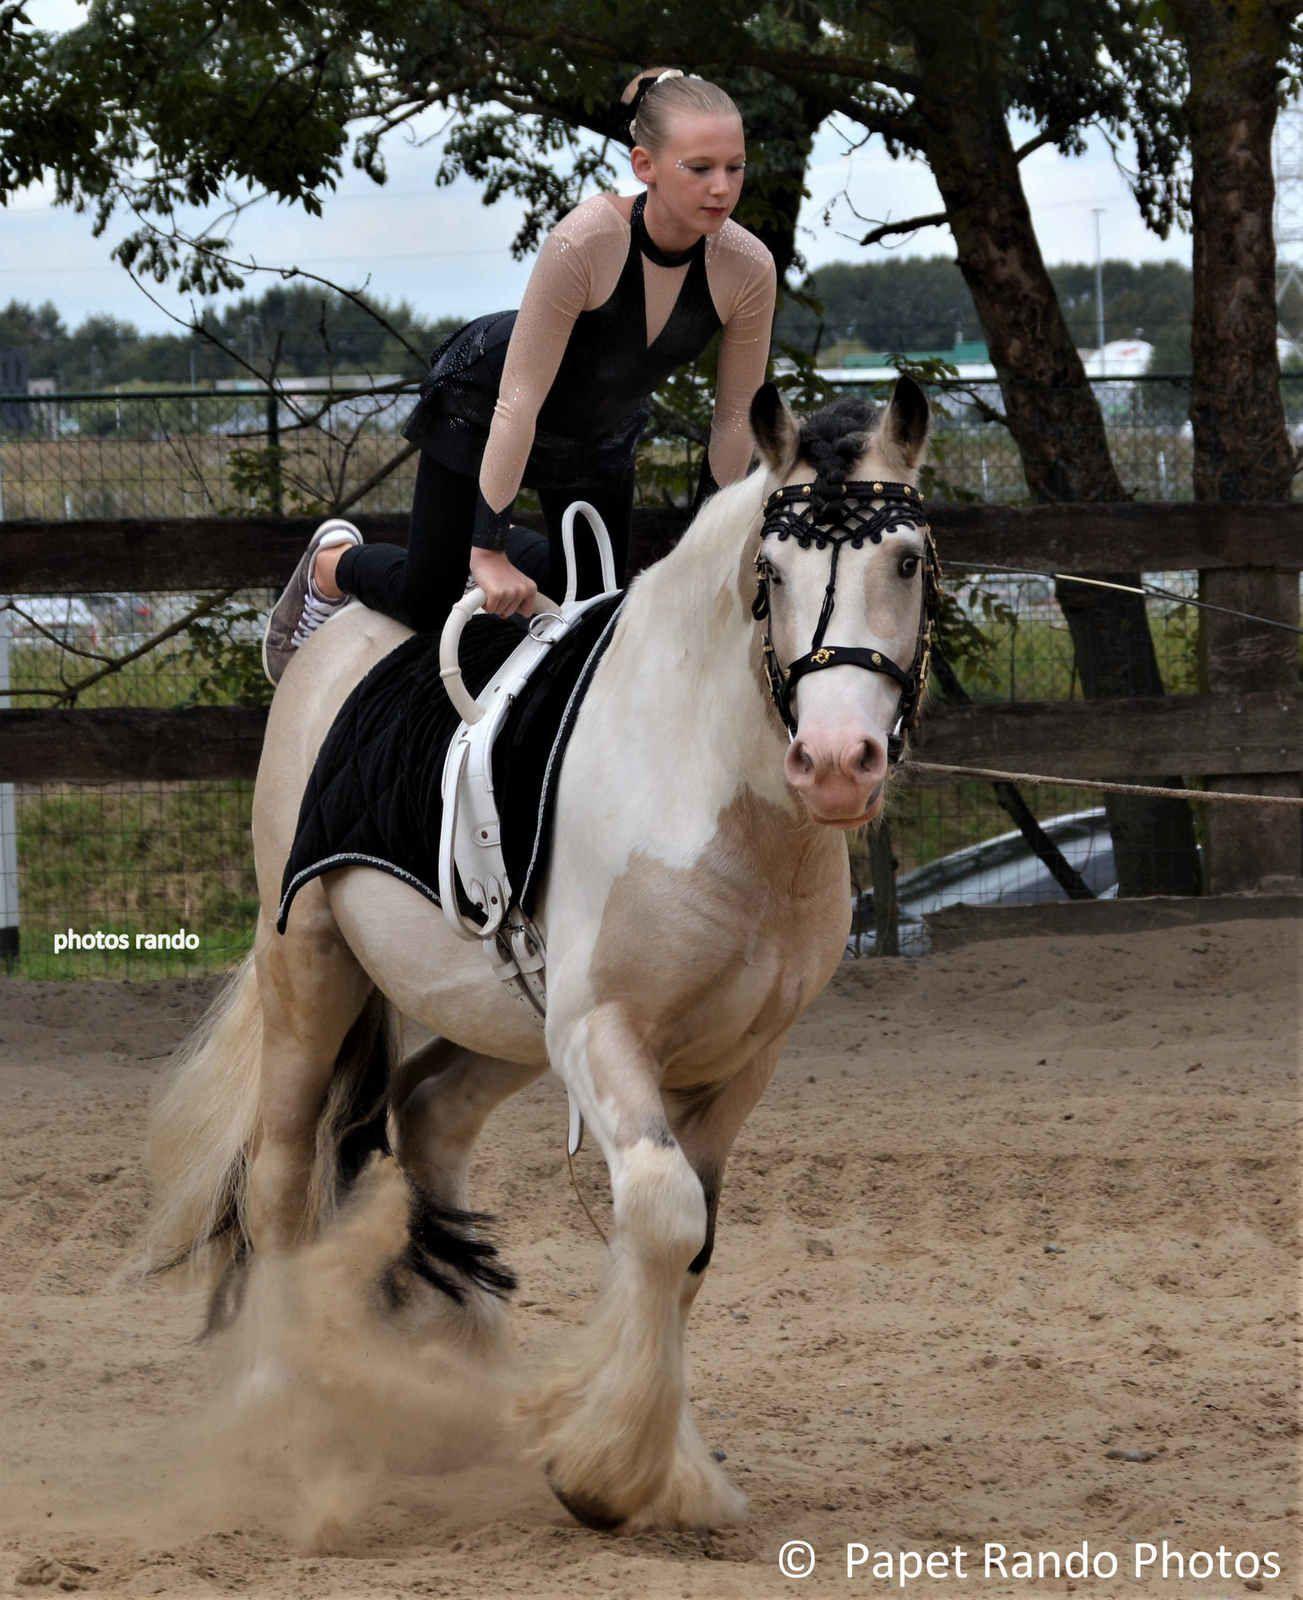 Symphonie Equestre  a Ransart ( ou j'habite) je ne fais plus de photos sur Ransart ( beaucoup savent pourquoi Mr. Tremblez ) mais ici je ne regrette pas d'etre venu ( en